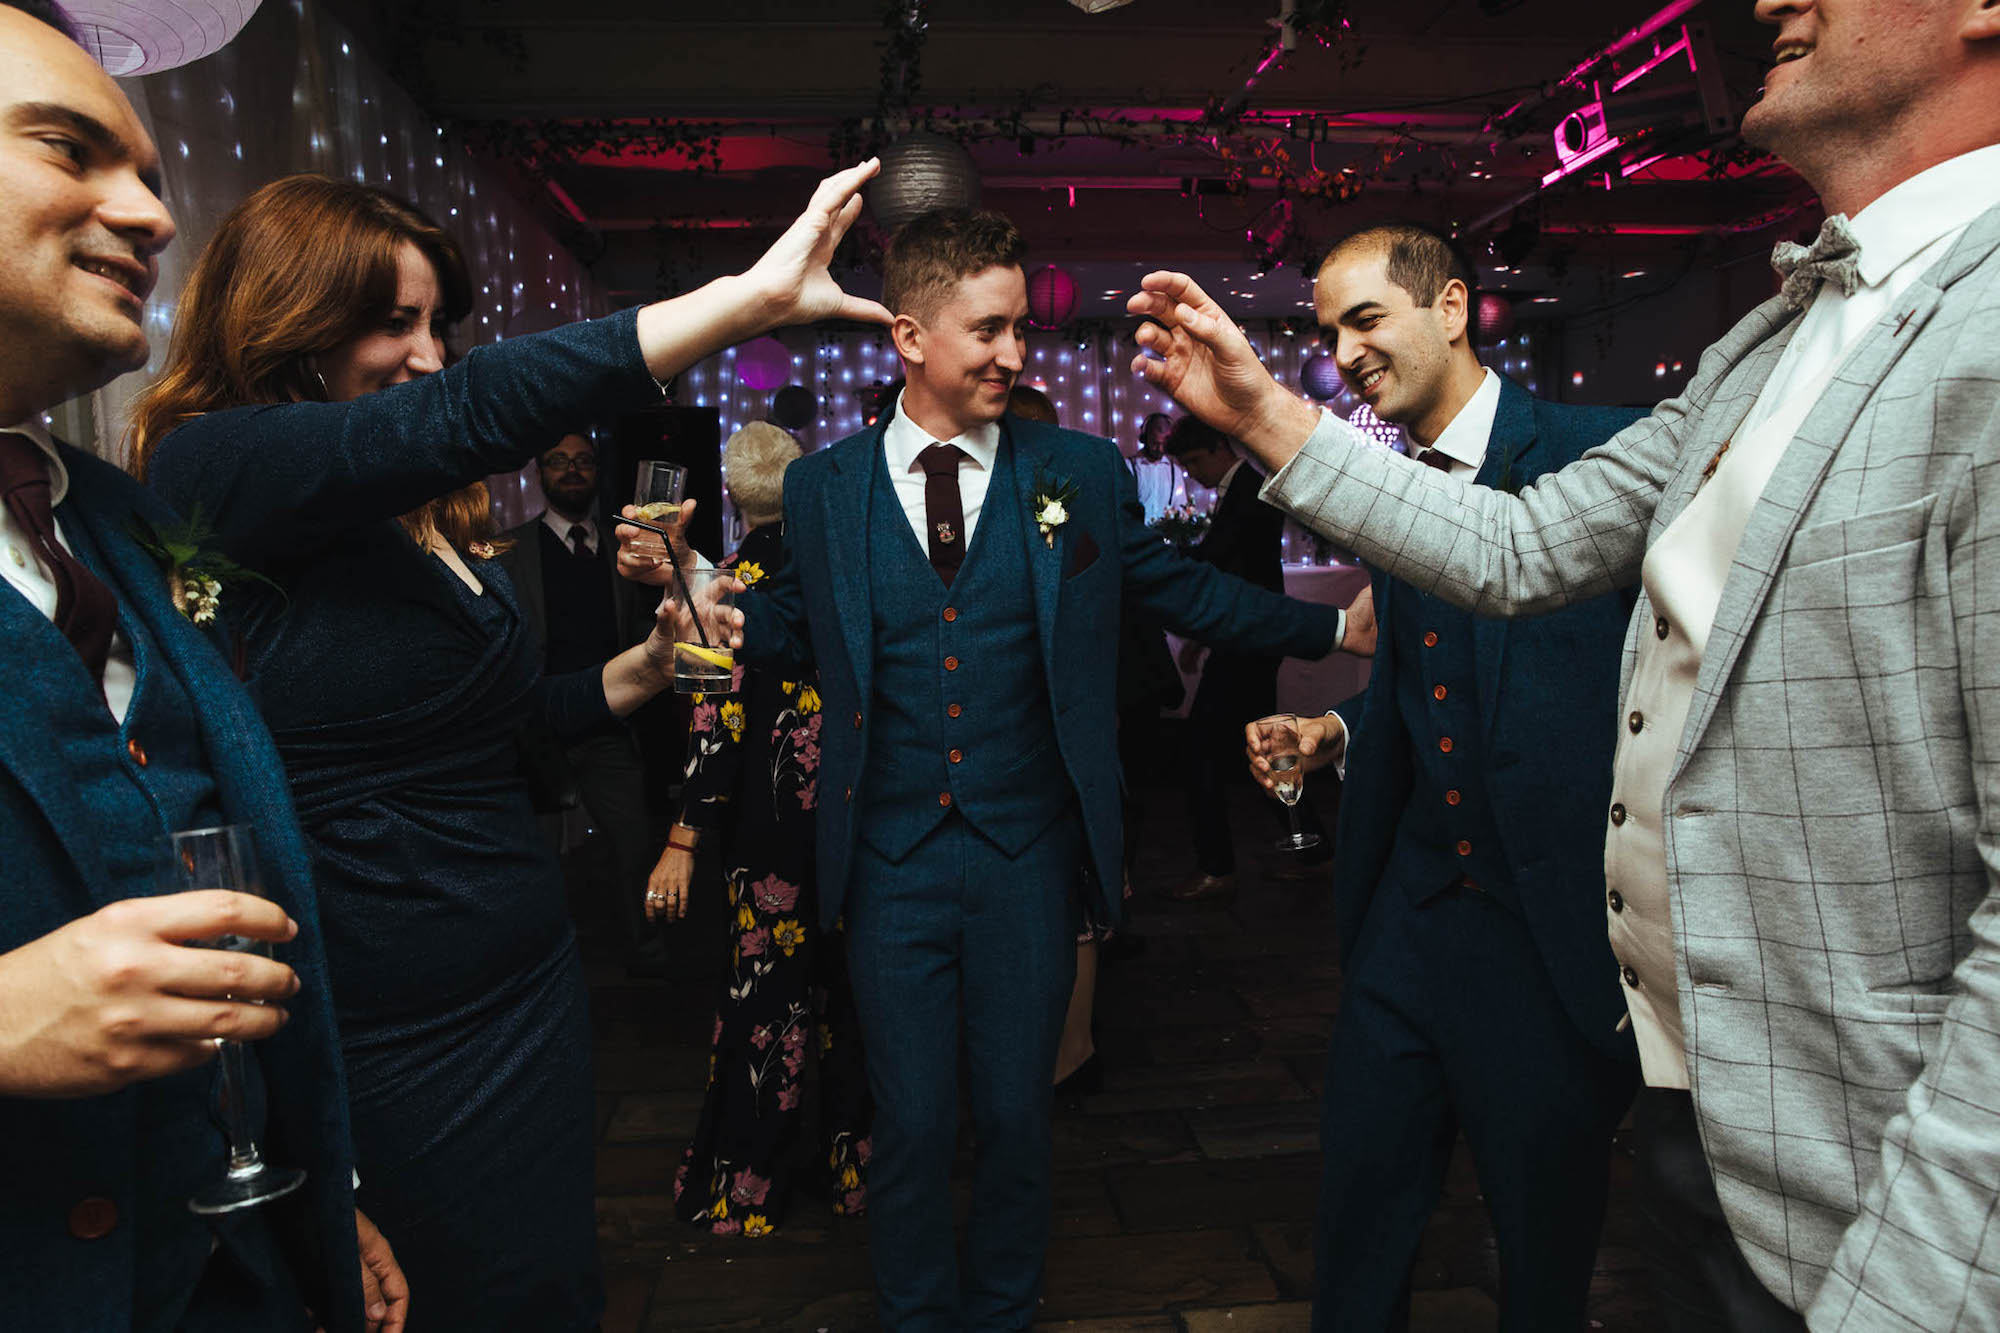 Islington metalworks wedding